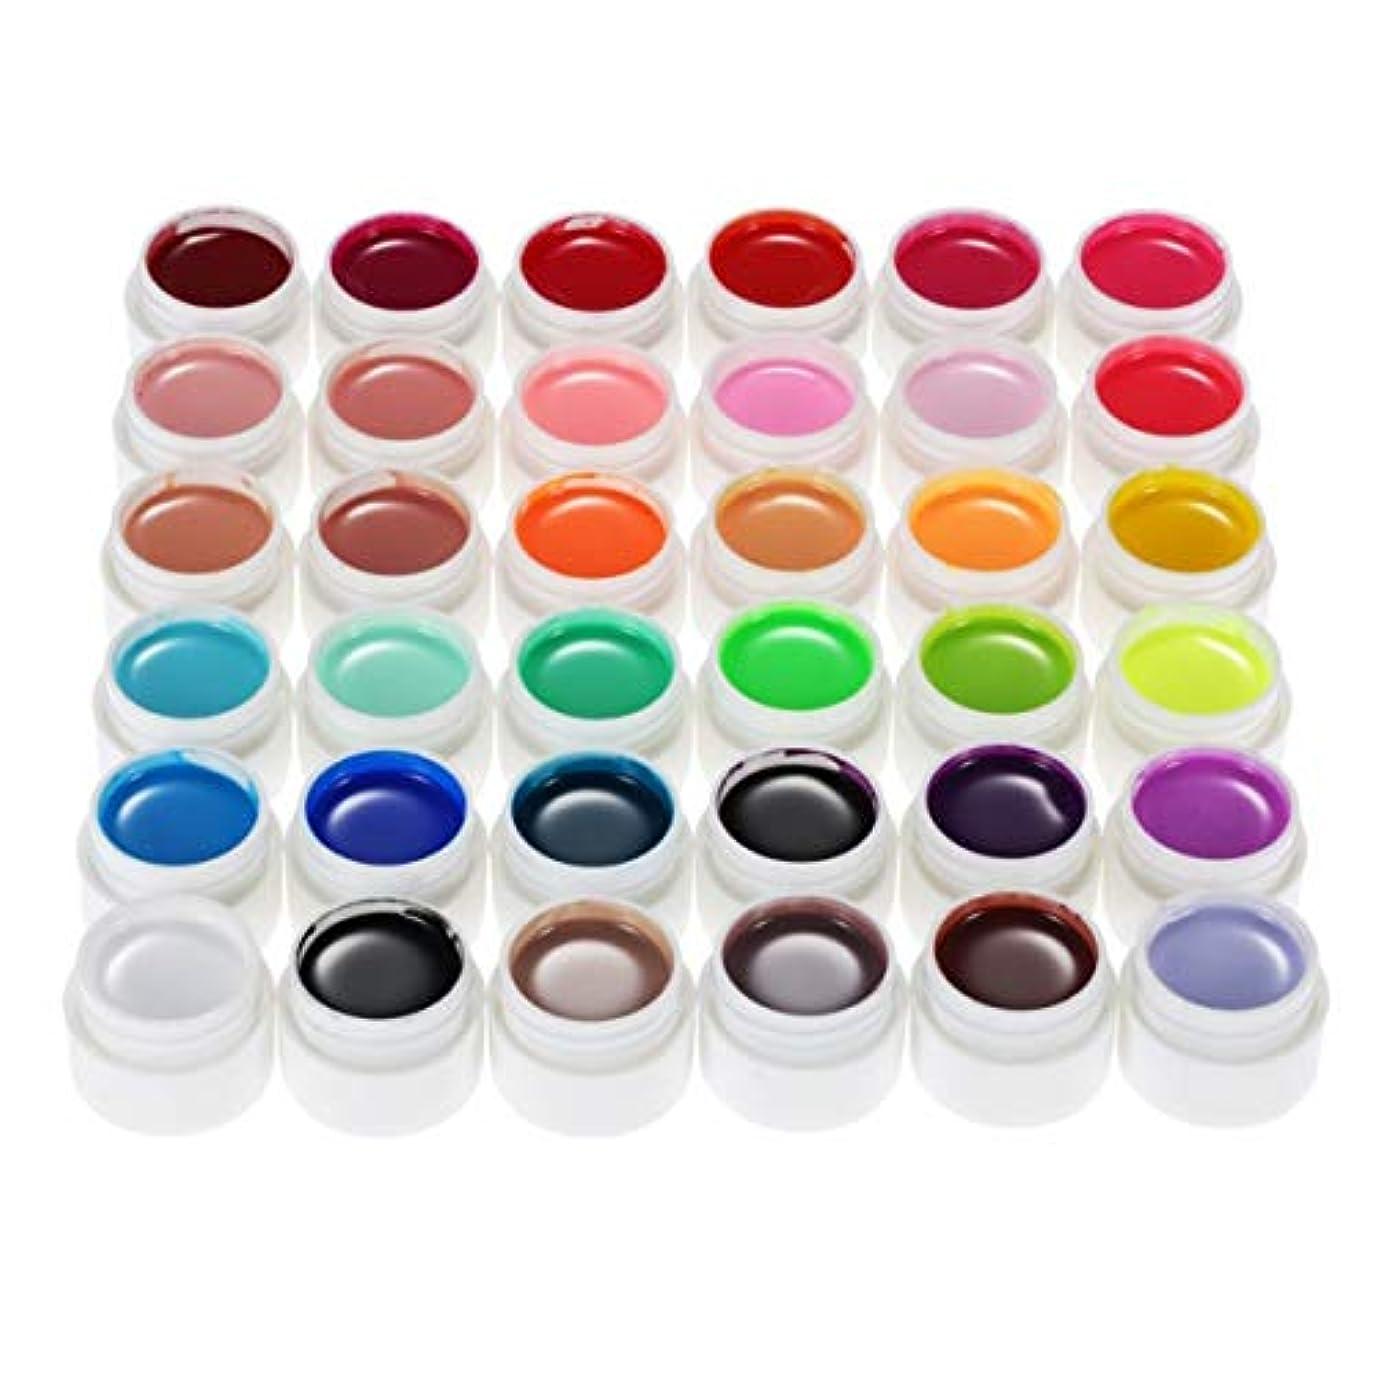 選択教室共役プロフェッショナル36ピュアカラー5グラムネイルアートグリッターuvジェルアクリルビルダー接着剤固体ポリッシュジェル長持ちネイルジェル - 36色